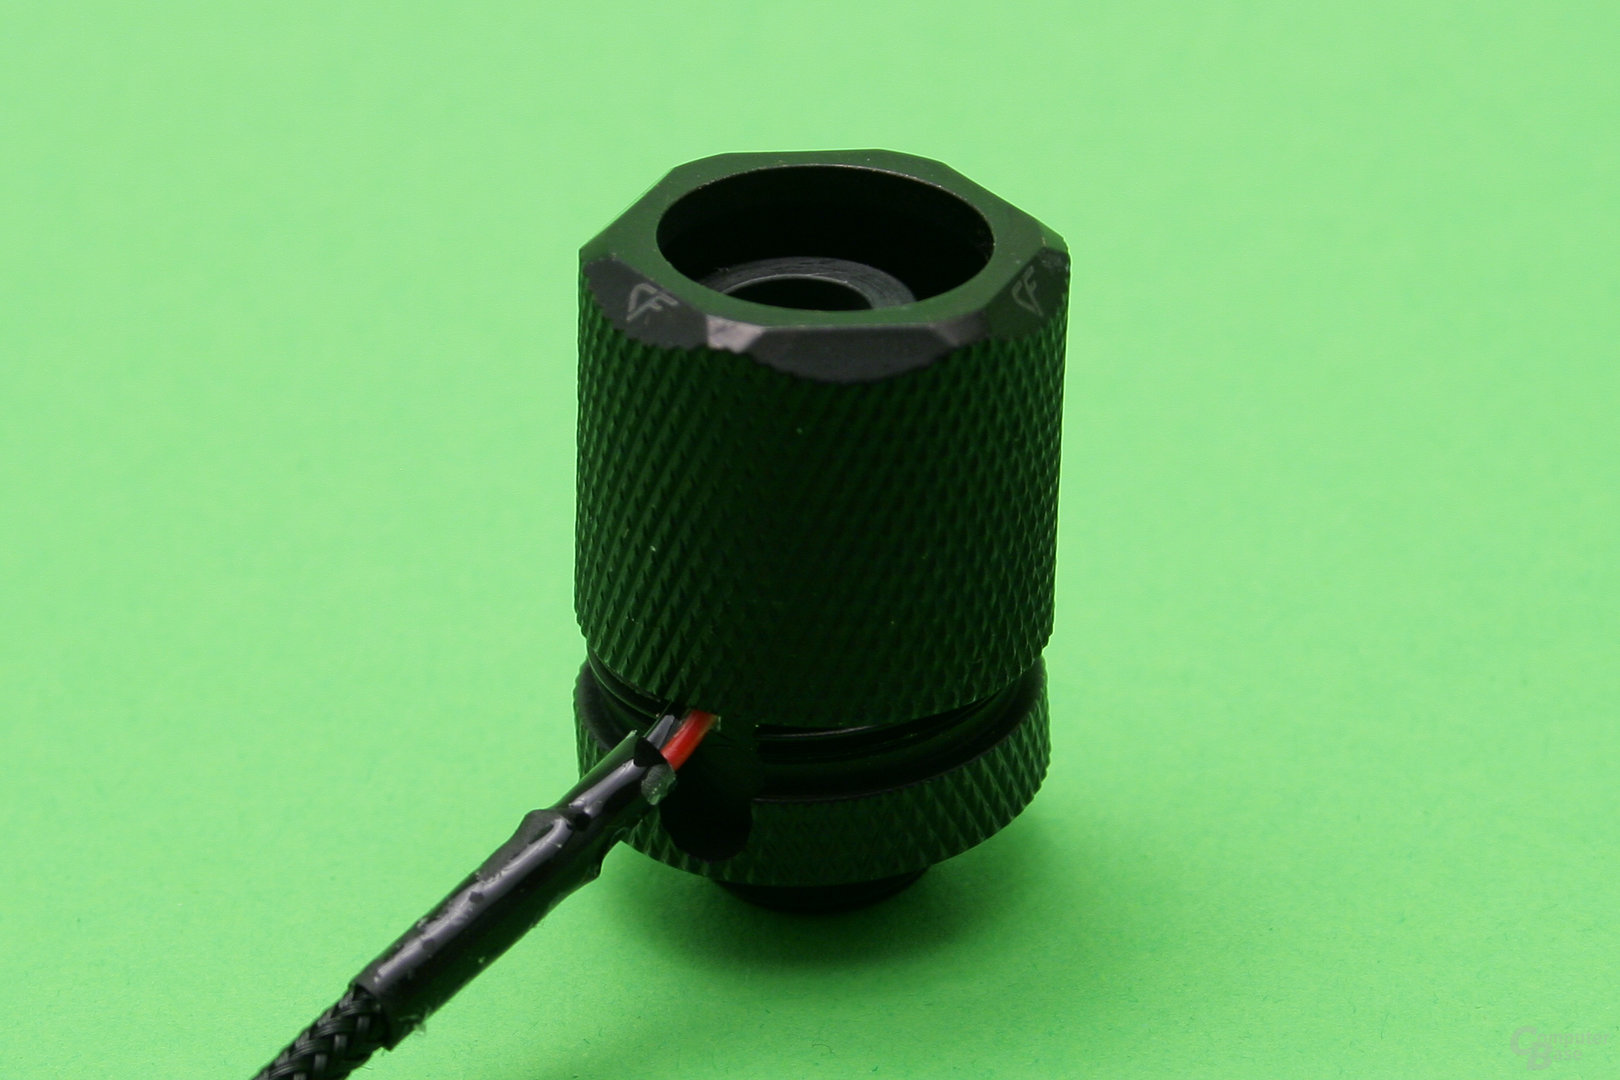 Fitting mit LED-Ring: Anschlusskabel muss an der richtigen Stelle sitzen